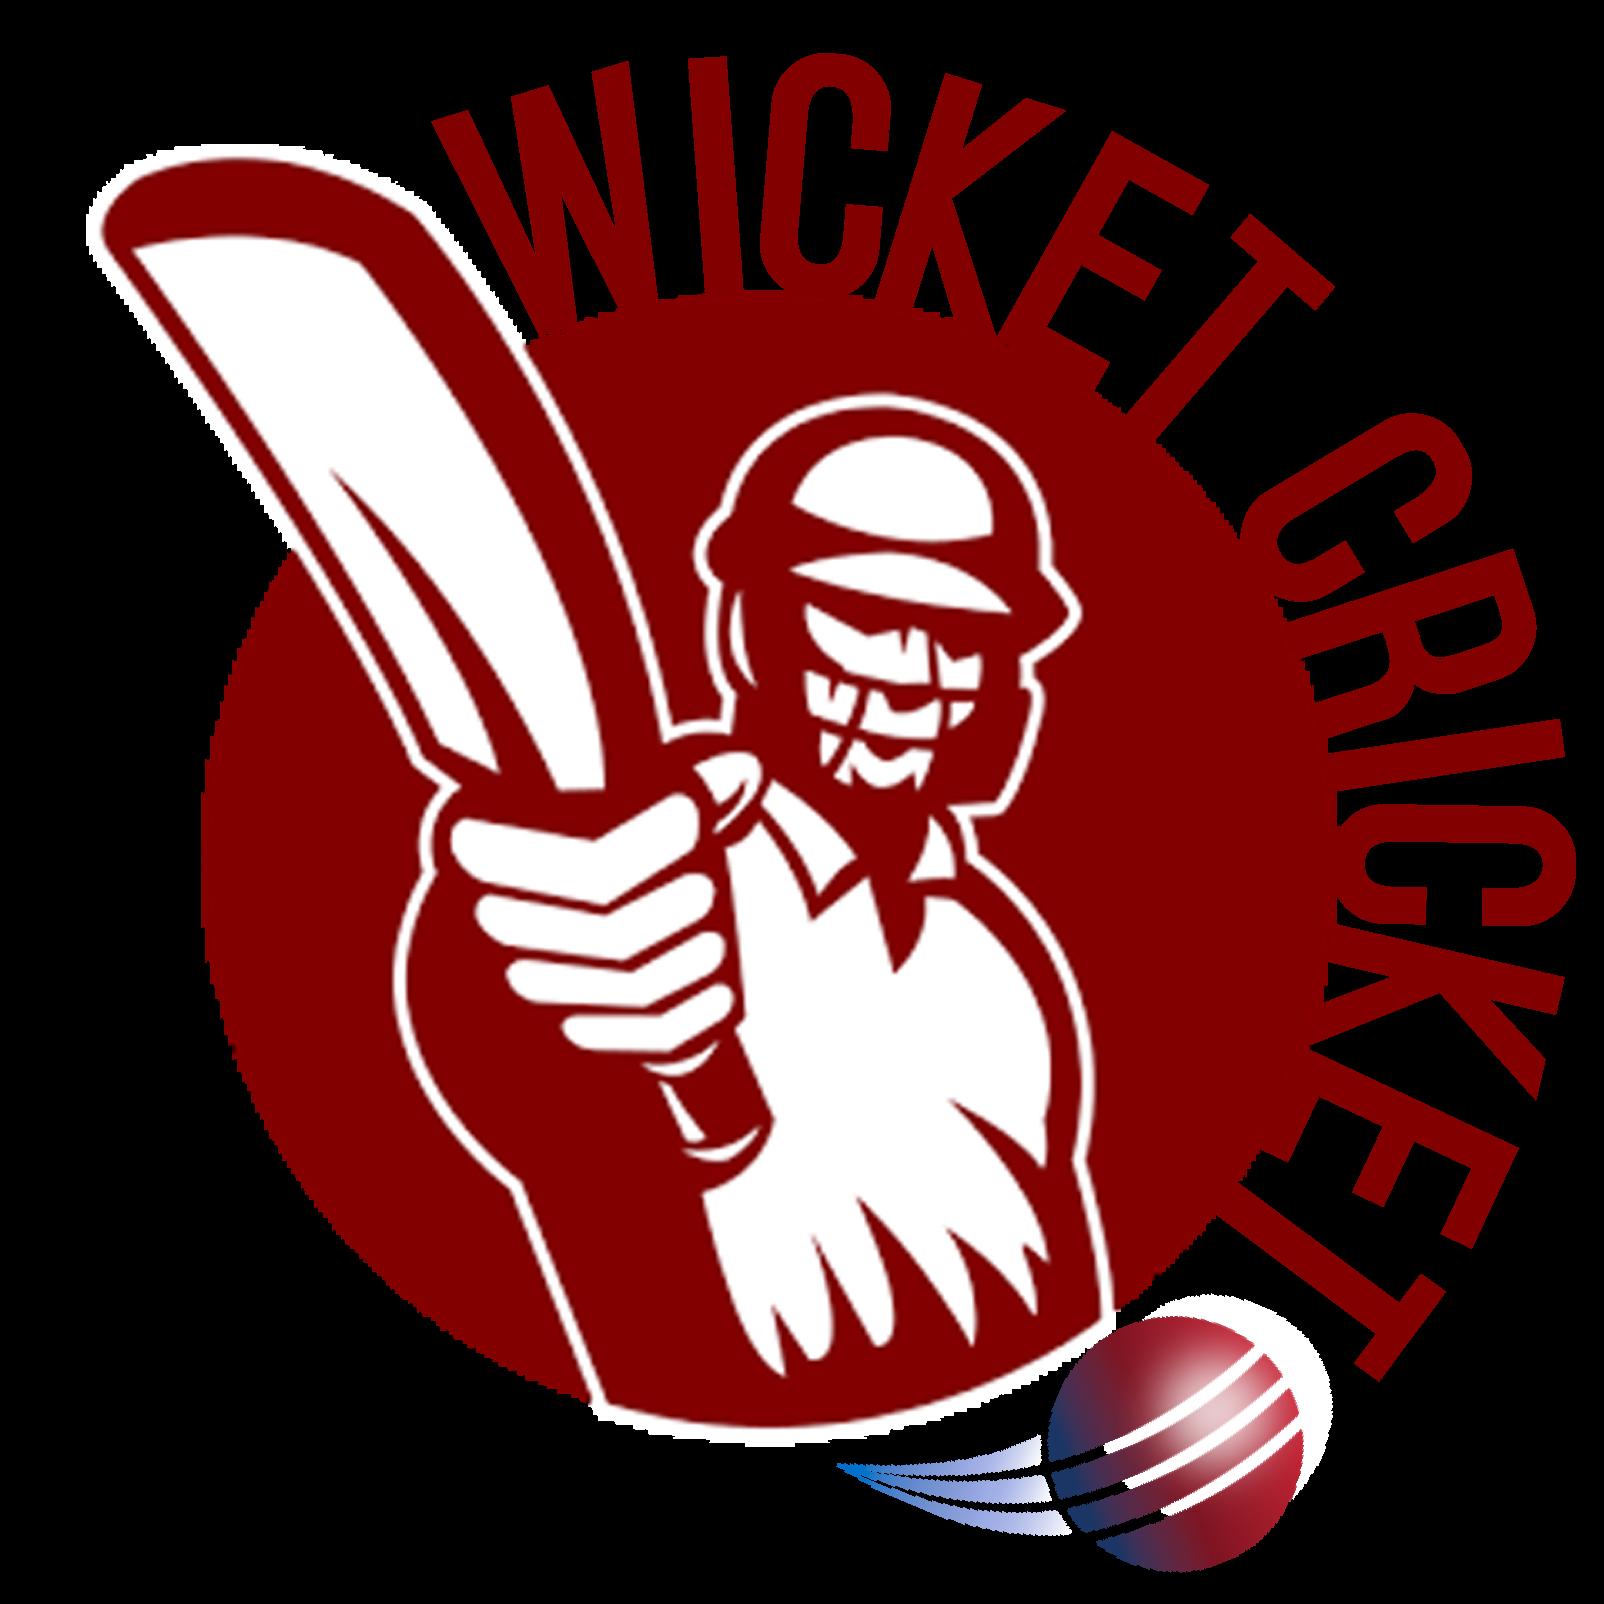 wicket-cricket